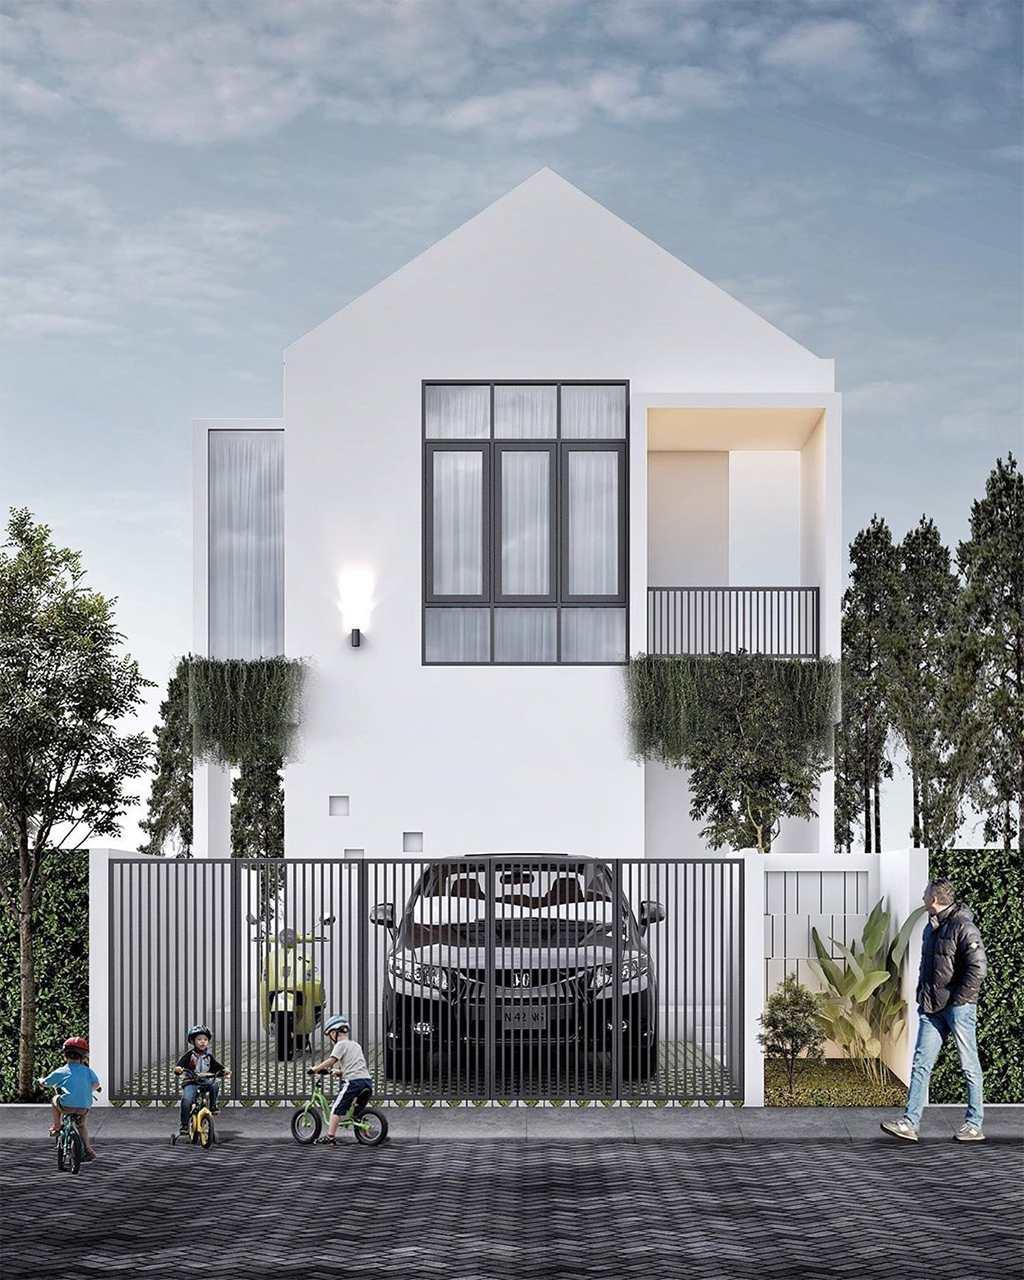 Desain Rumah Minimalis 2 Lantai Modern Terbaru Tampak Depan